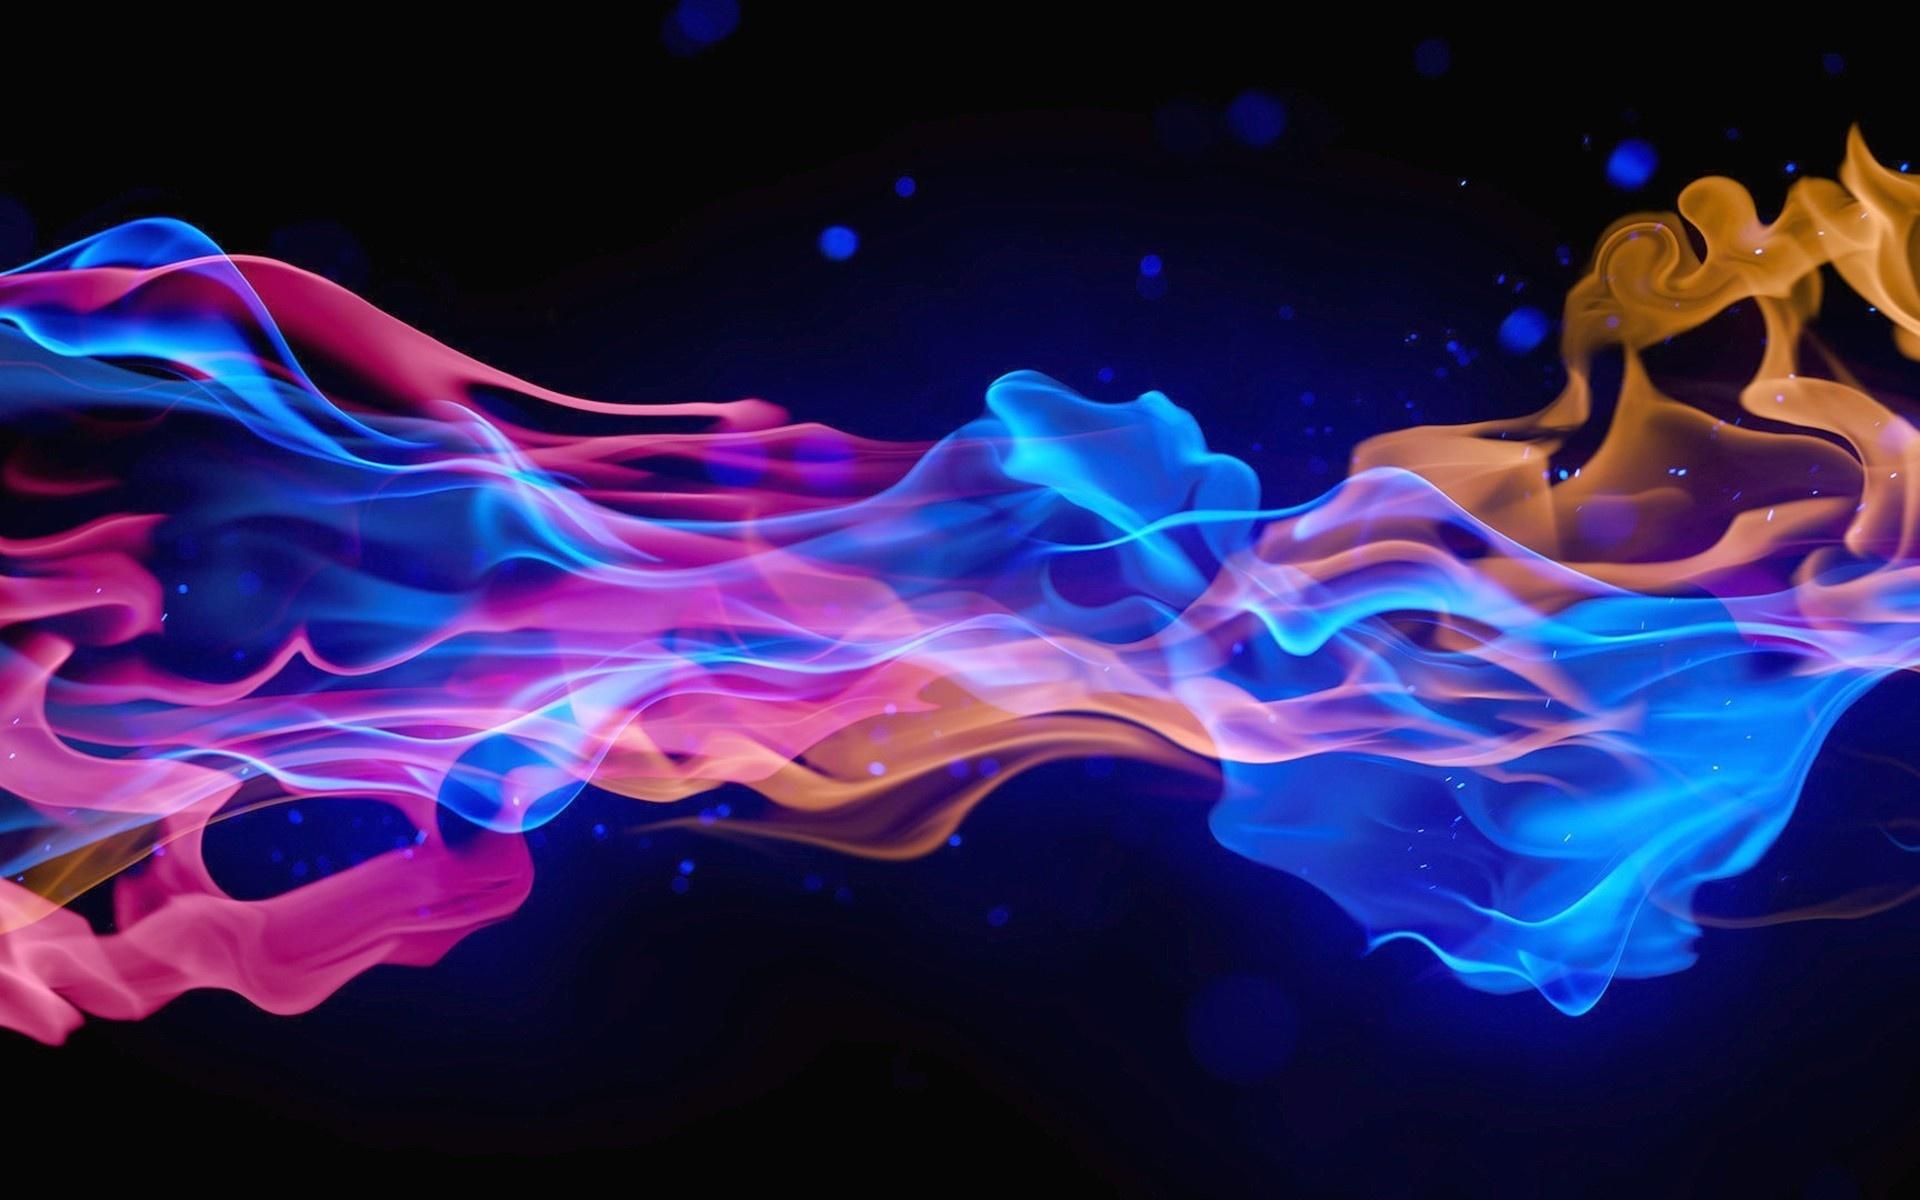 gratis abstracte kleuren wallpapers - photo #42